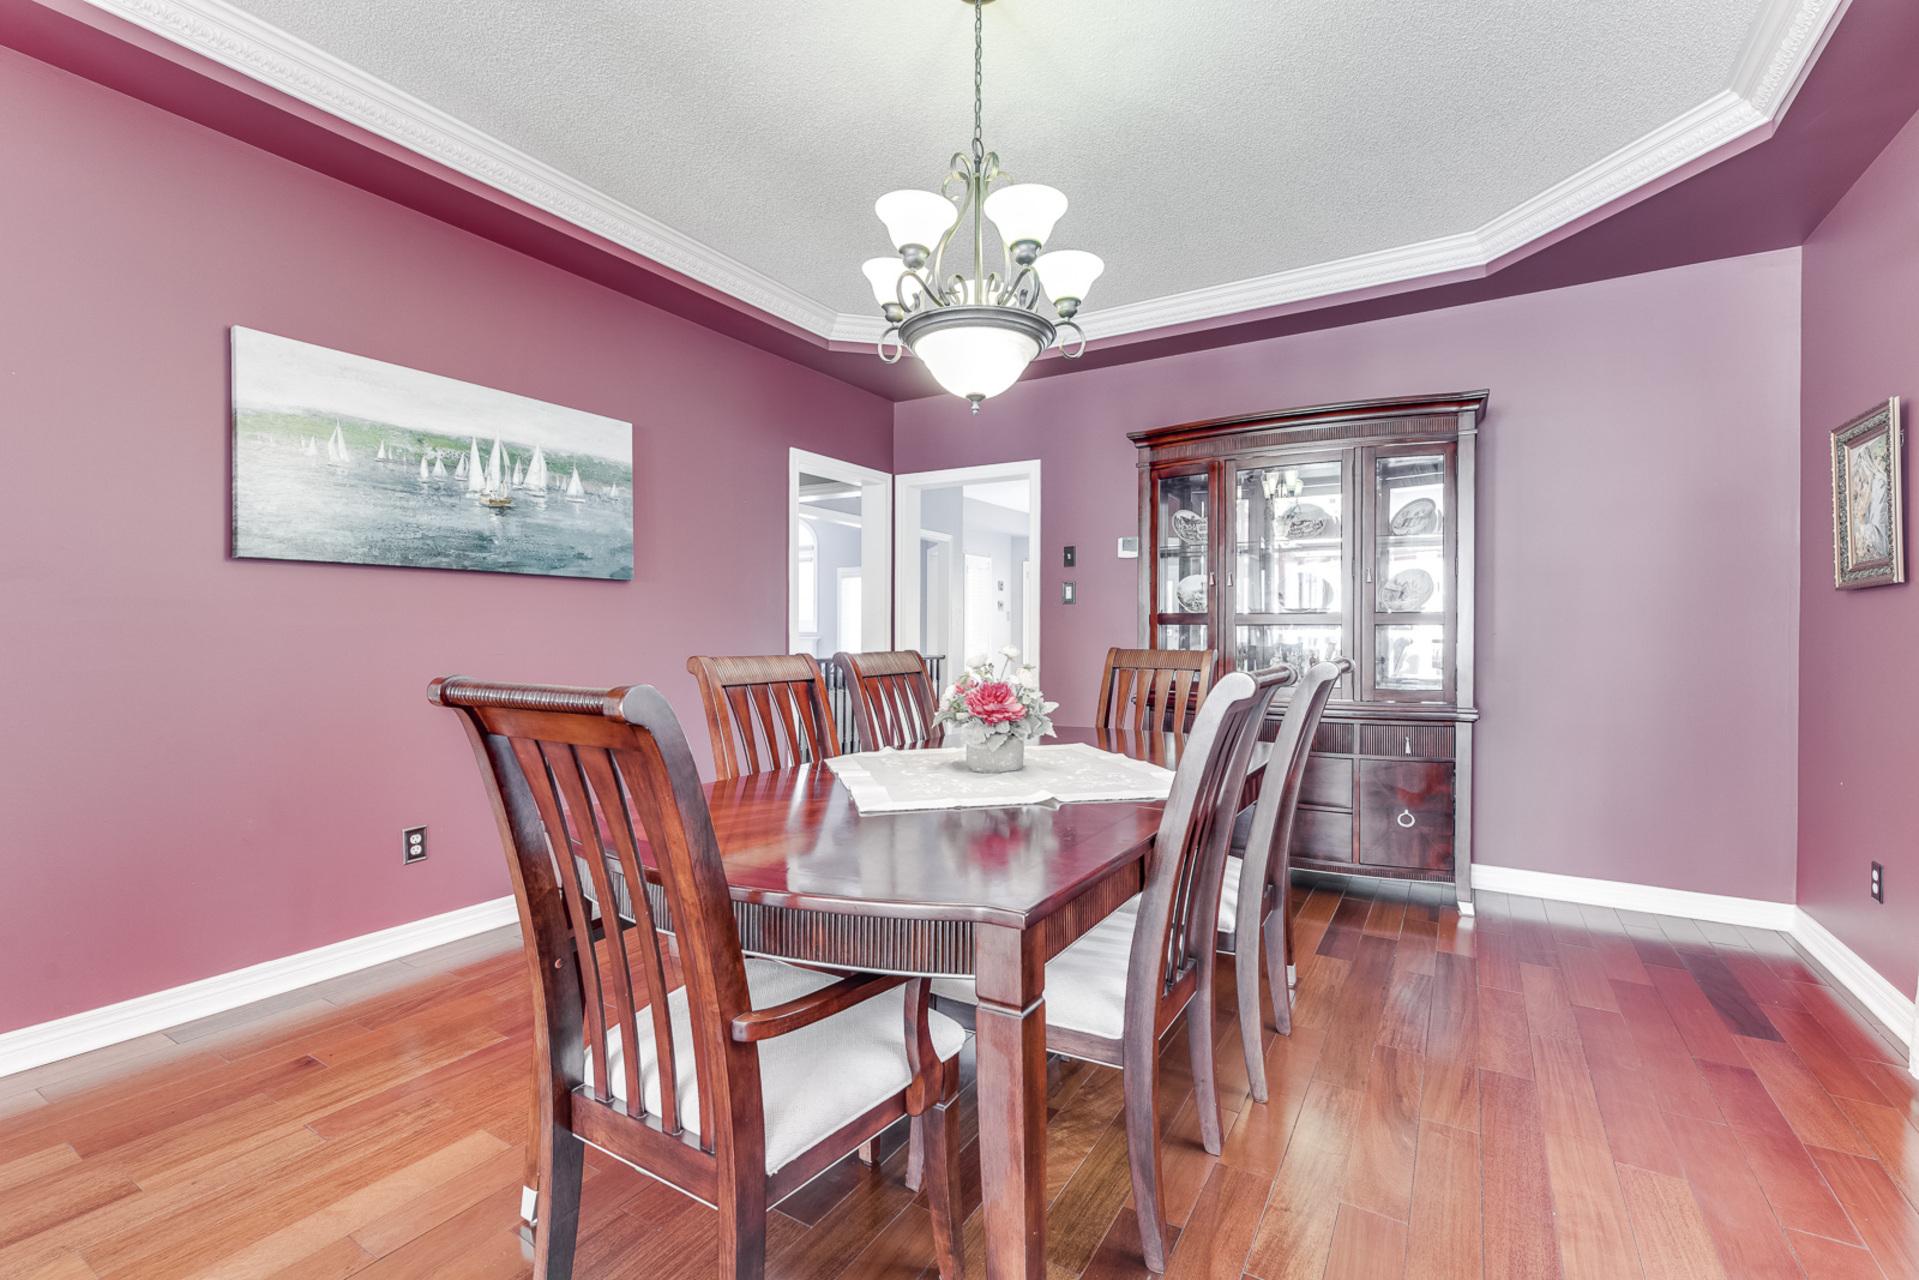 Dining Room - 1471 Creekwood Tr, Oakville - Elite3 & Team at 1471 Creekwood Trail, Iroquois Ridge North, Oakville